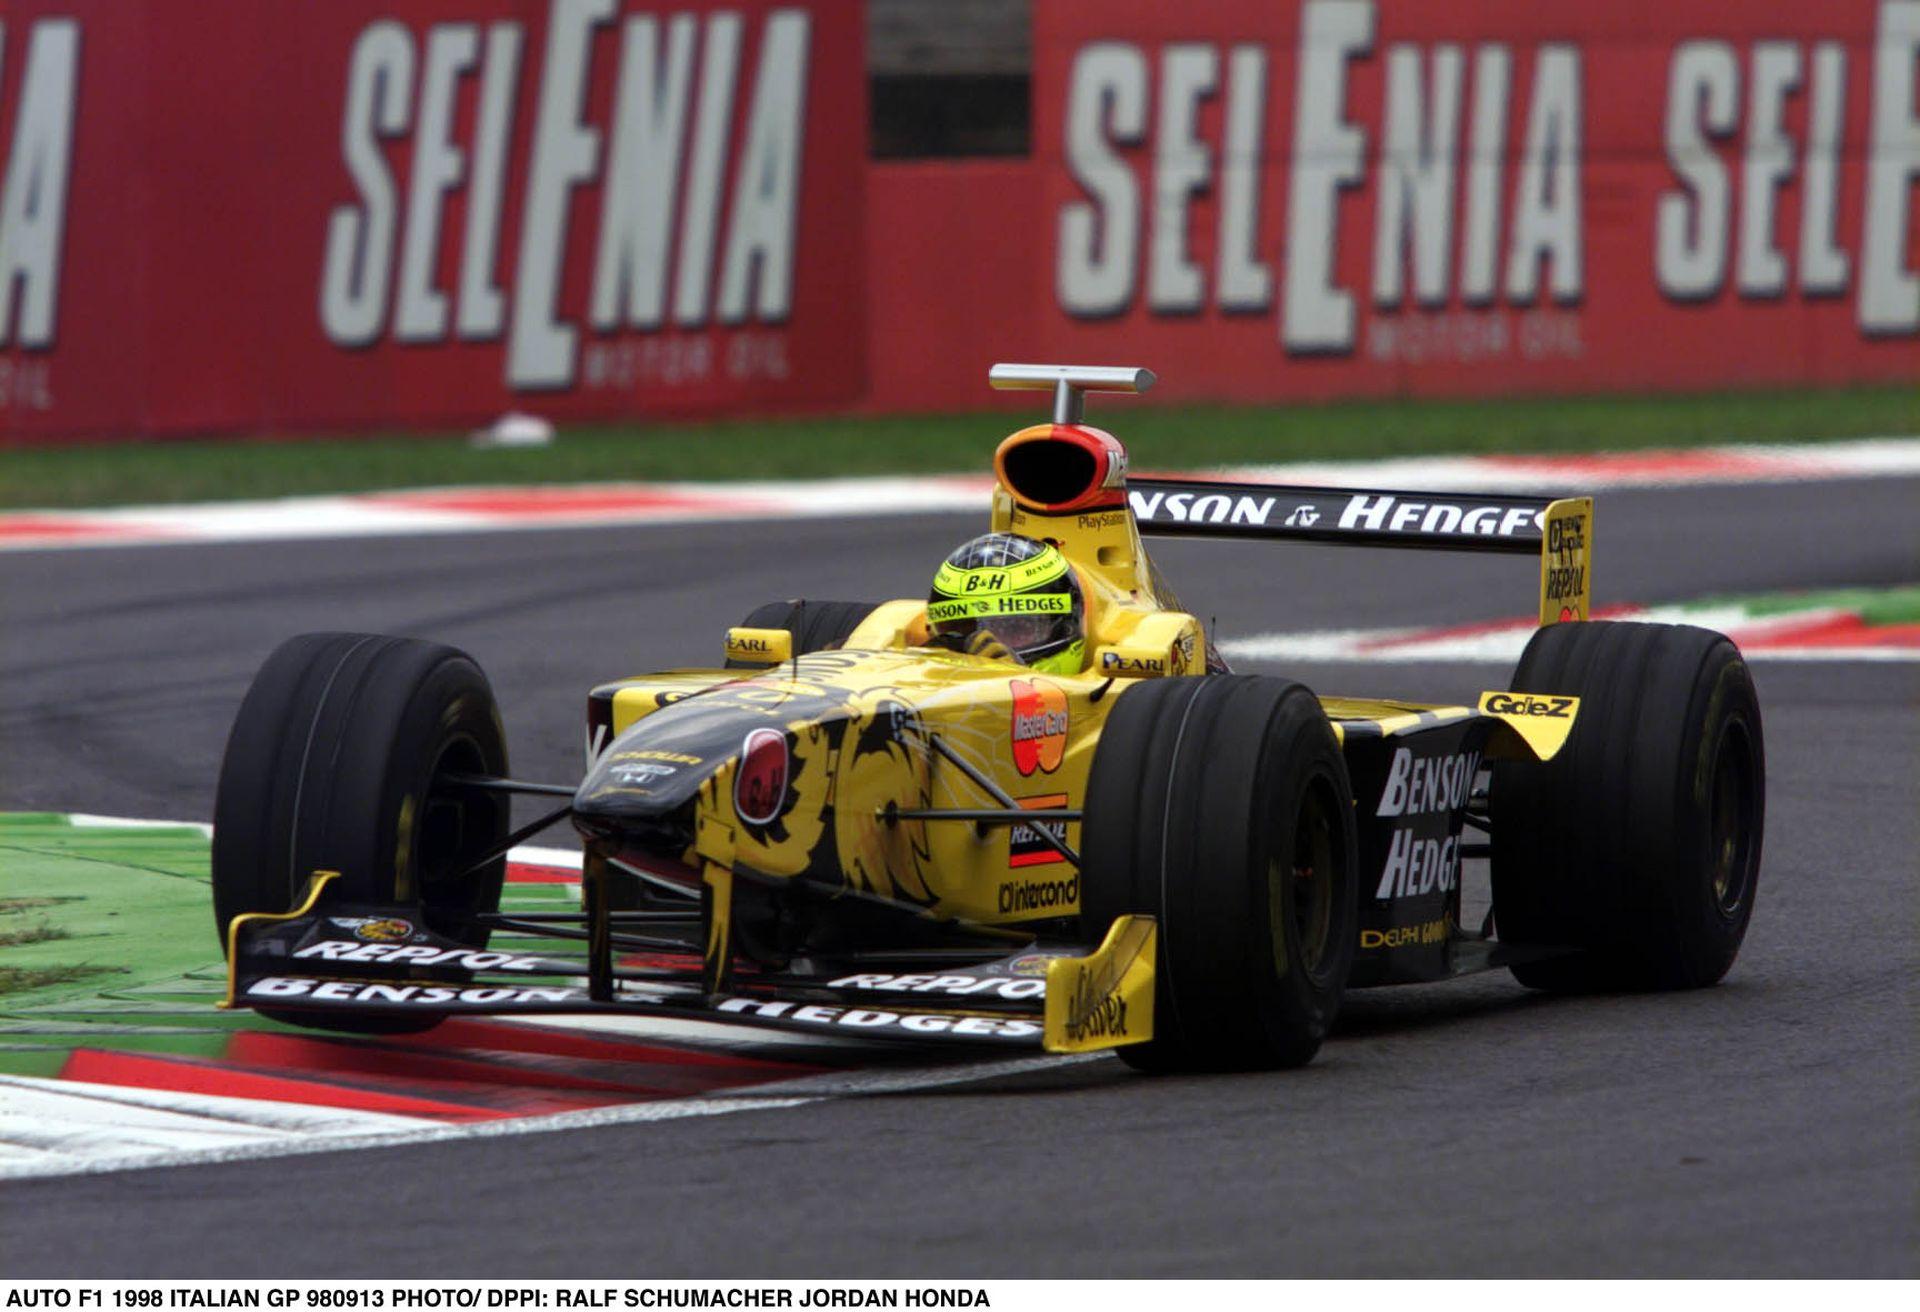 Egy legendás csapat búcsúja a Forma-1-ből: Jordan Grand Prix